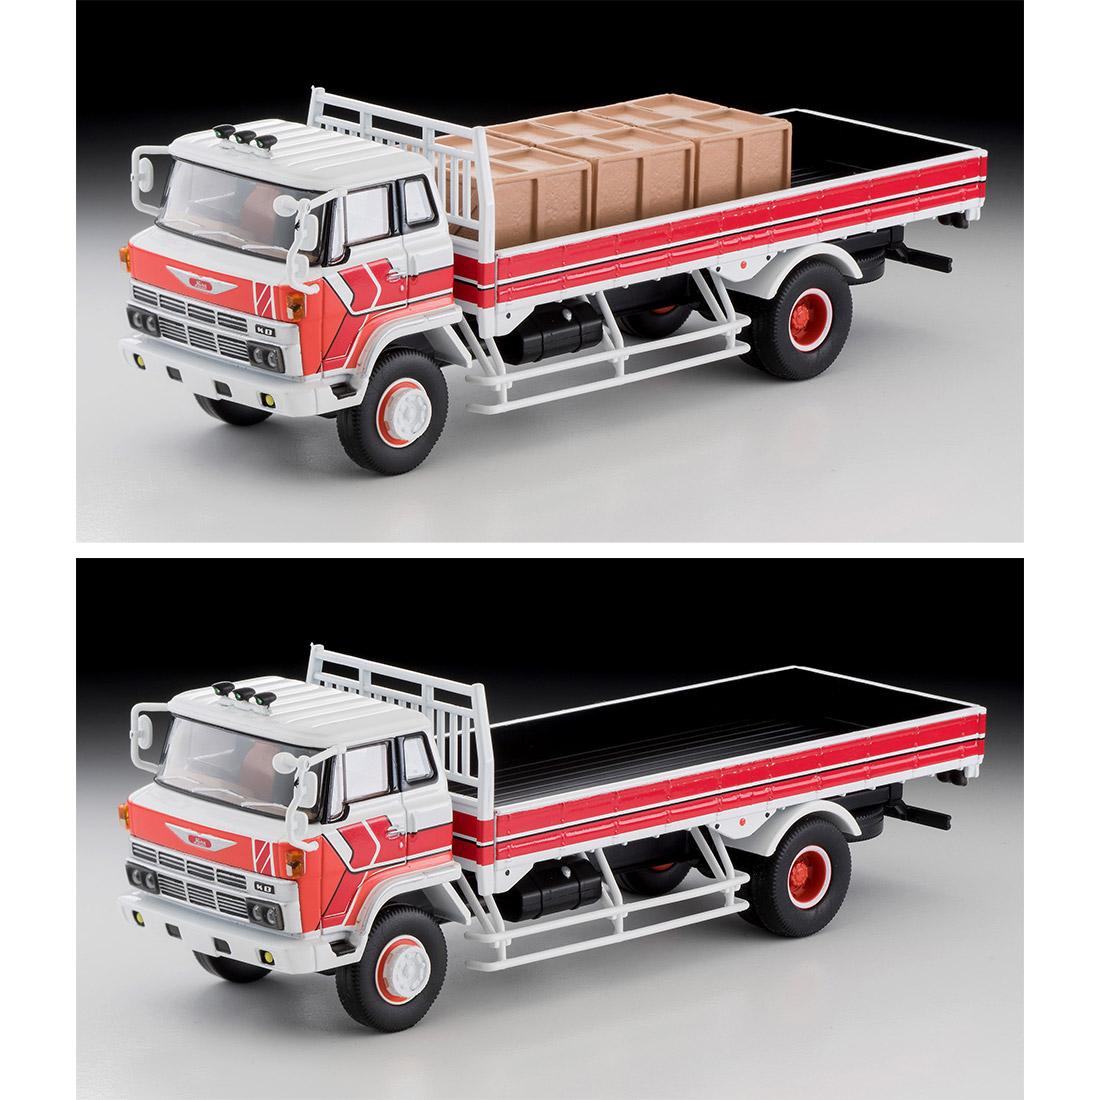 トミカリミテッド ヴィンテージ ネオ TLV-NEO『LV-N44d 日野KB324型トラック(赤/白)』ミニカー-002